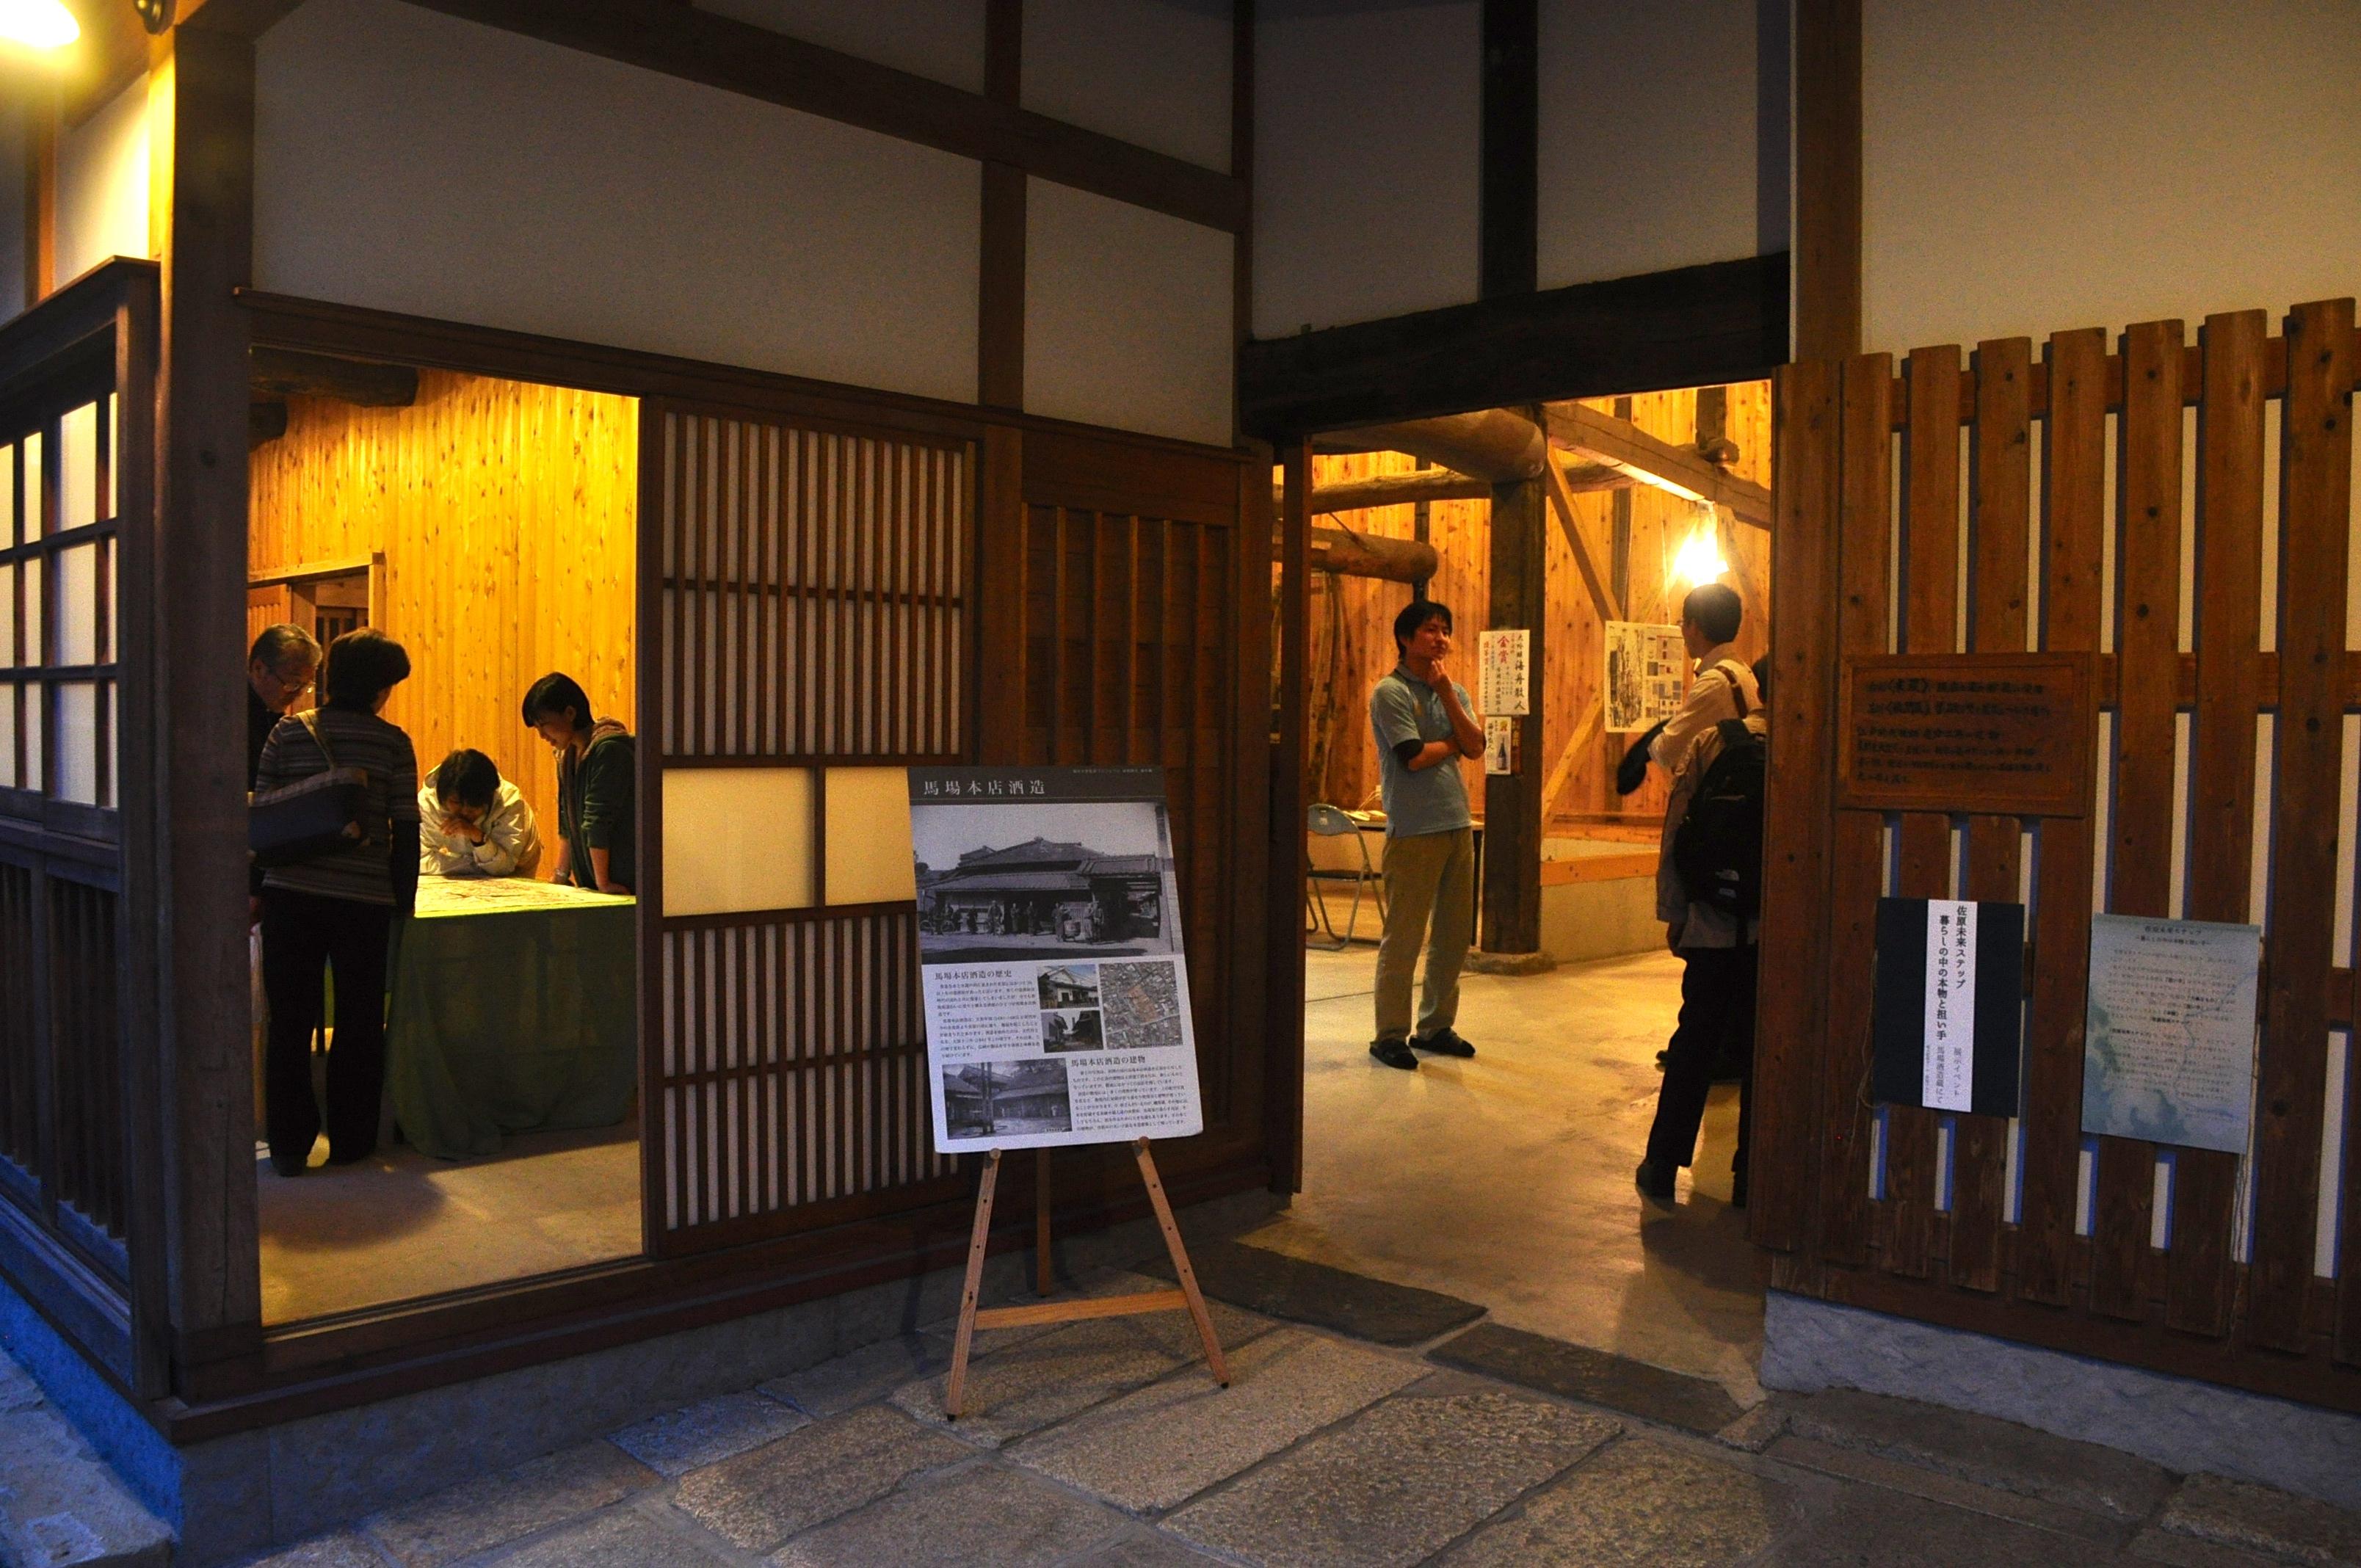 http://ud.t.u-tokyo.ac.jp/blog/_images/DSC_4904.JPG